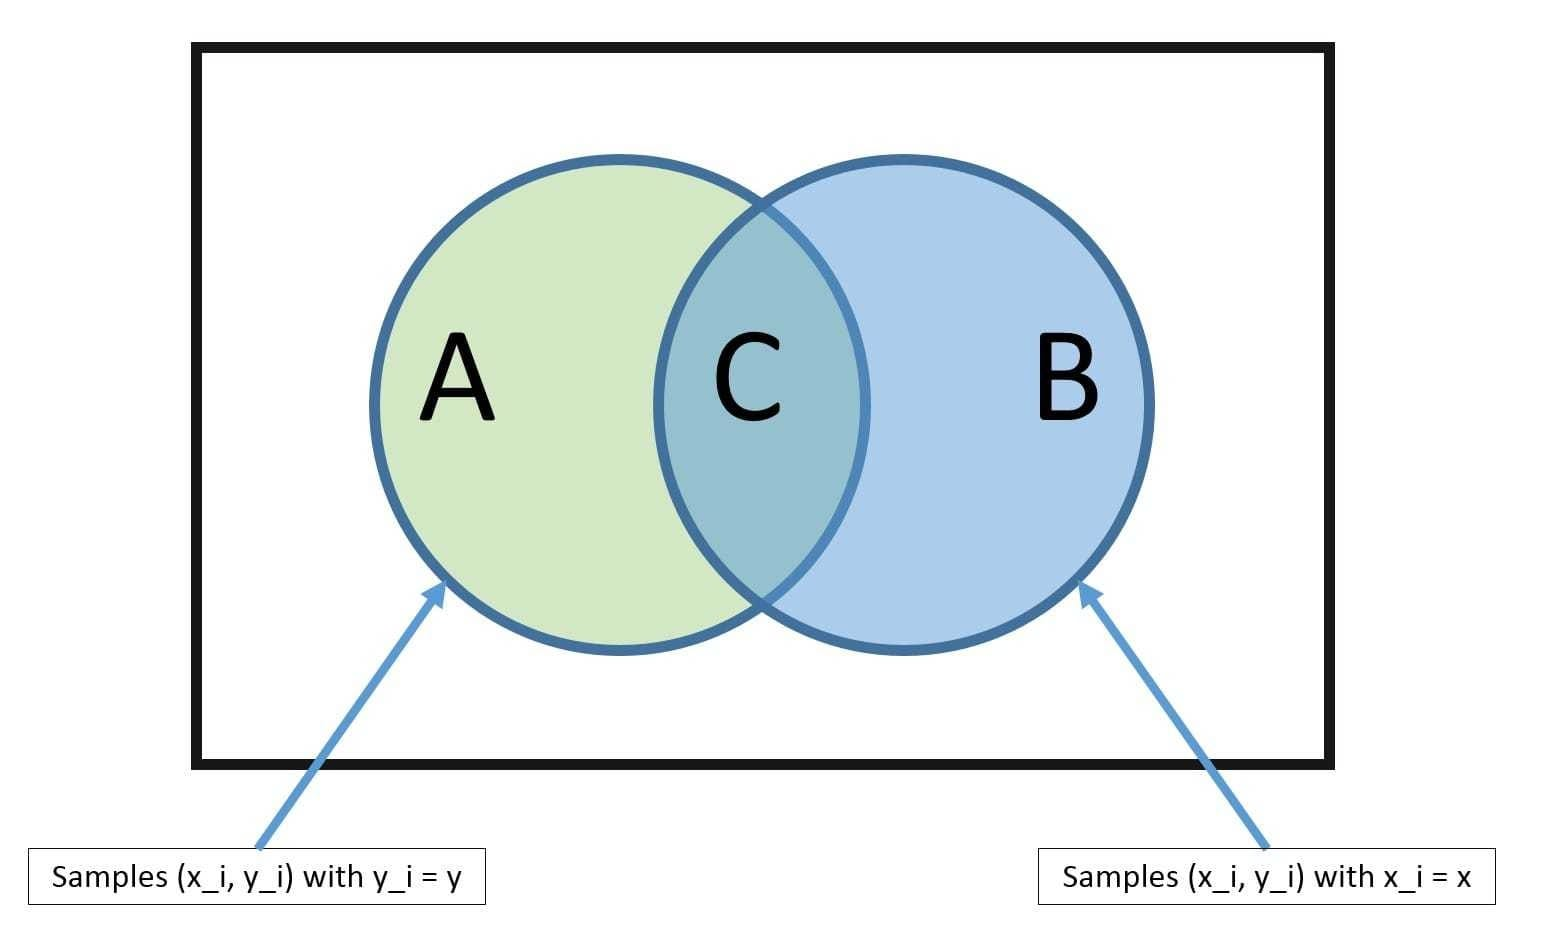 朴素贝叶斯定理